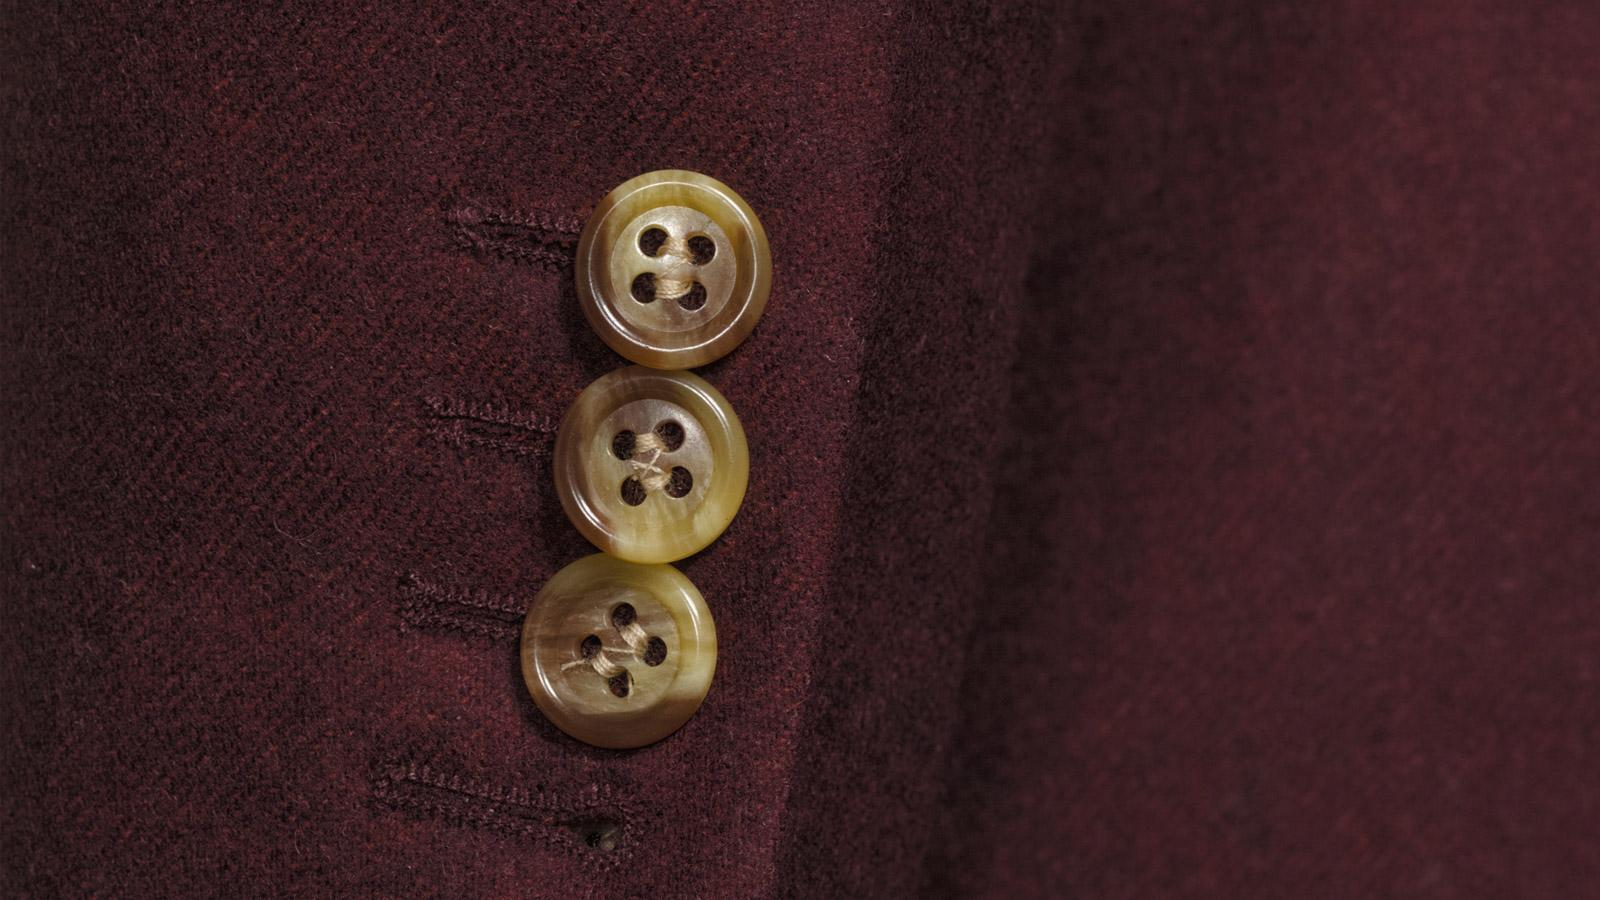 Burgundy Wool Flannel Blazer - slider image 1